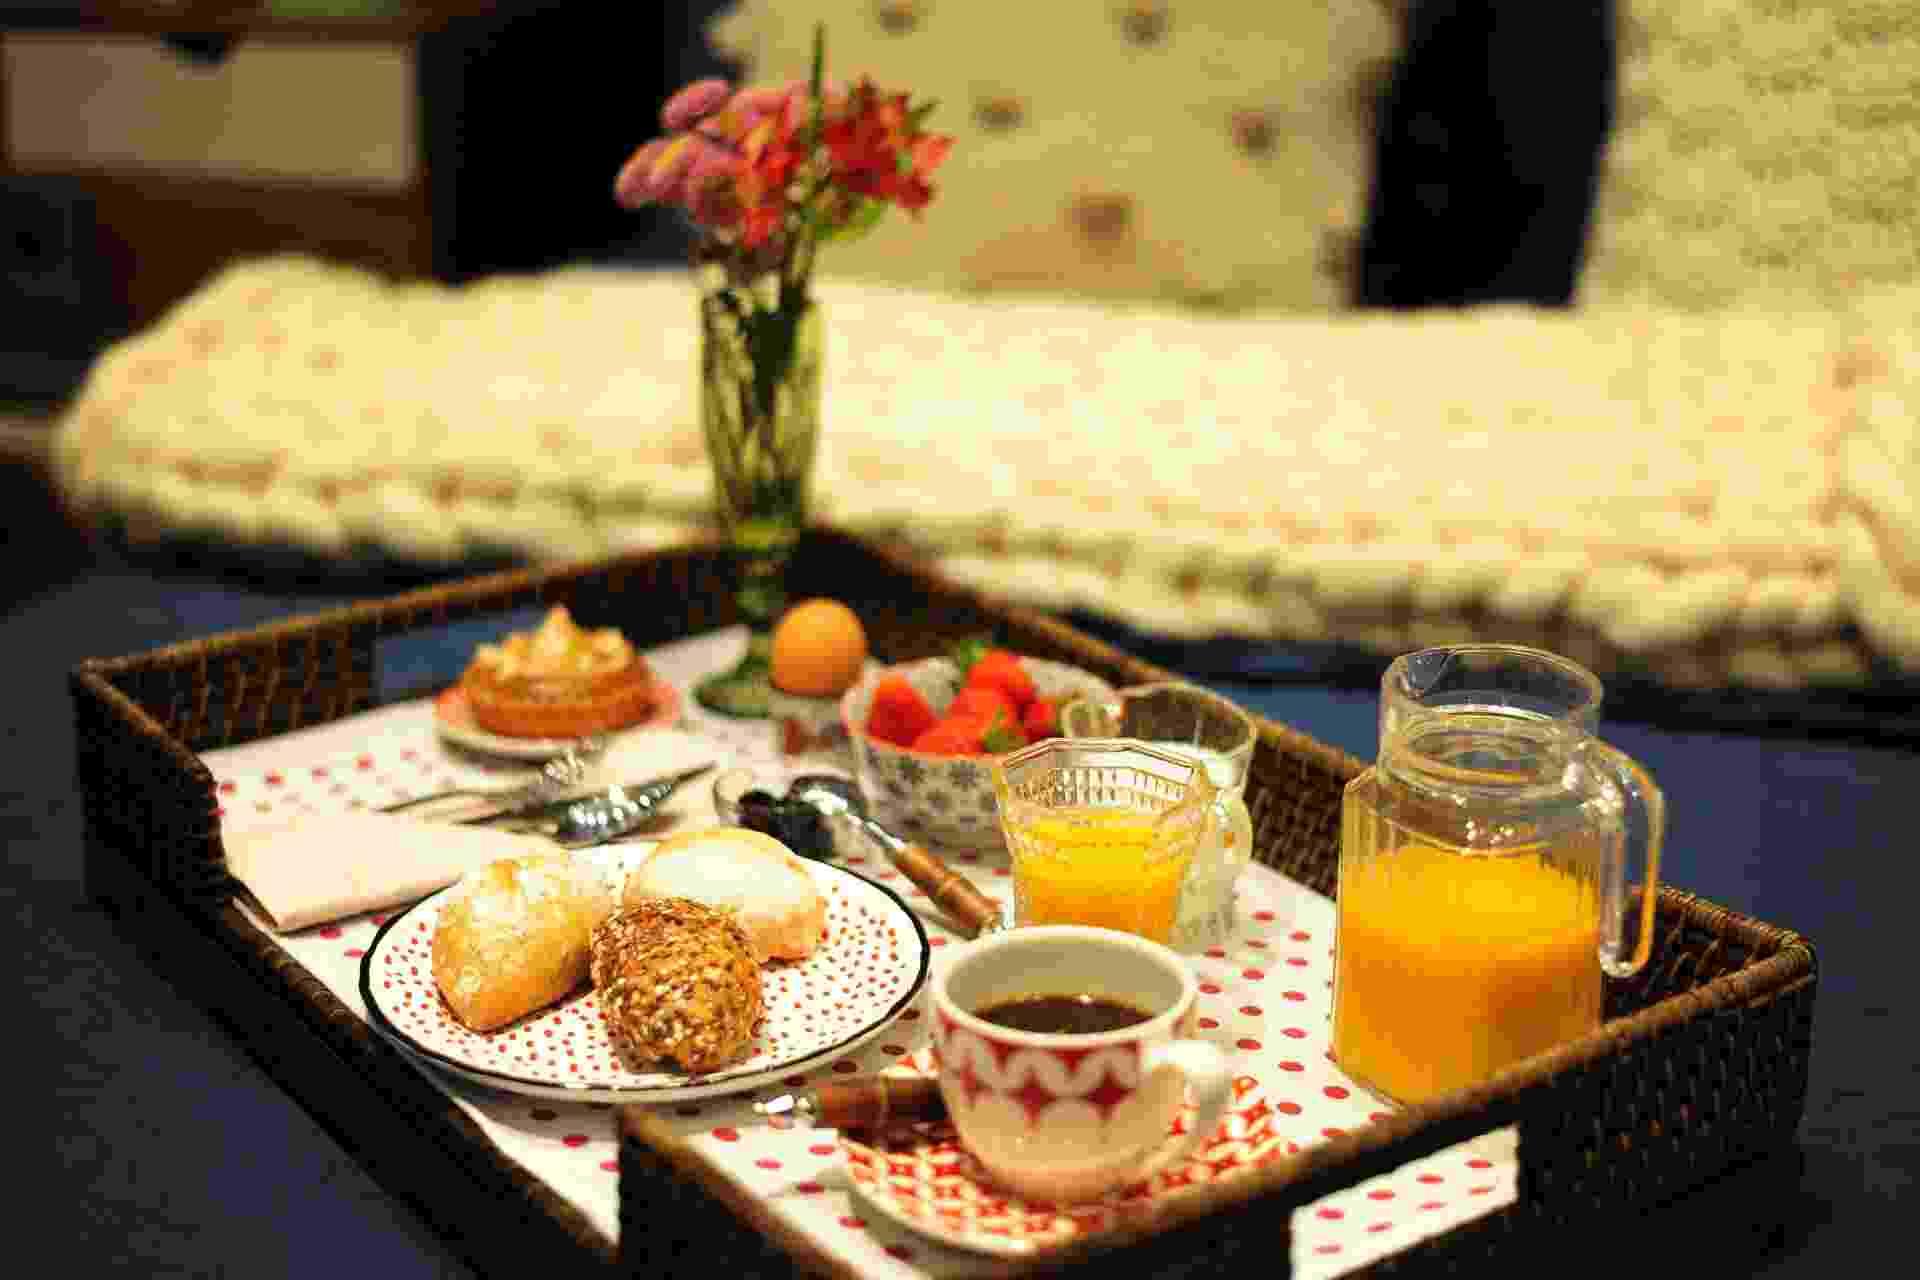 Surpreenda a sua mãe no dia dela, levando o café na cama. Aprenda aqui a montar uma bandeja romântica - Júnior Lago/ UOL